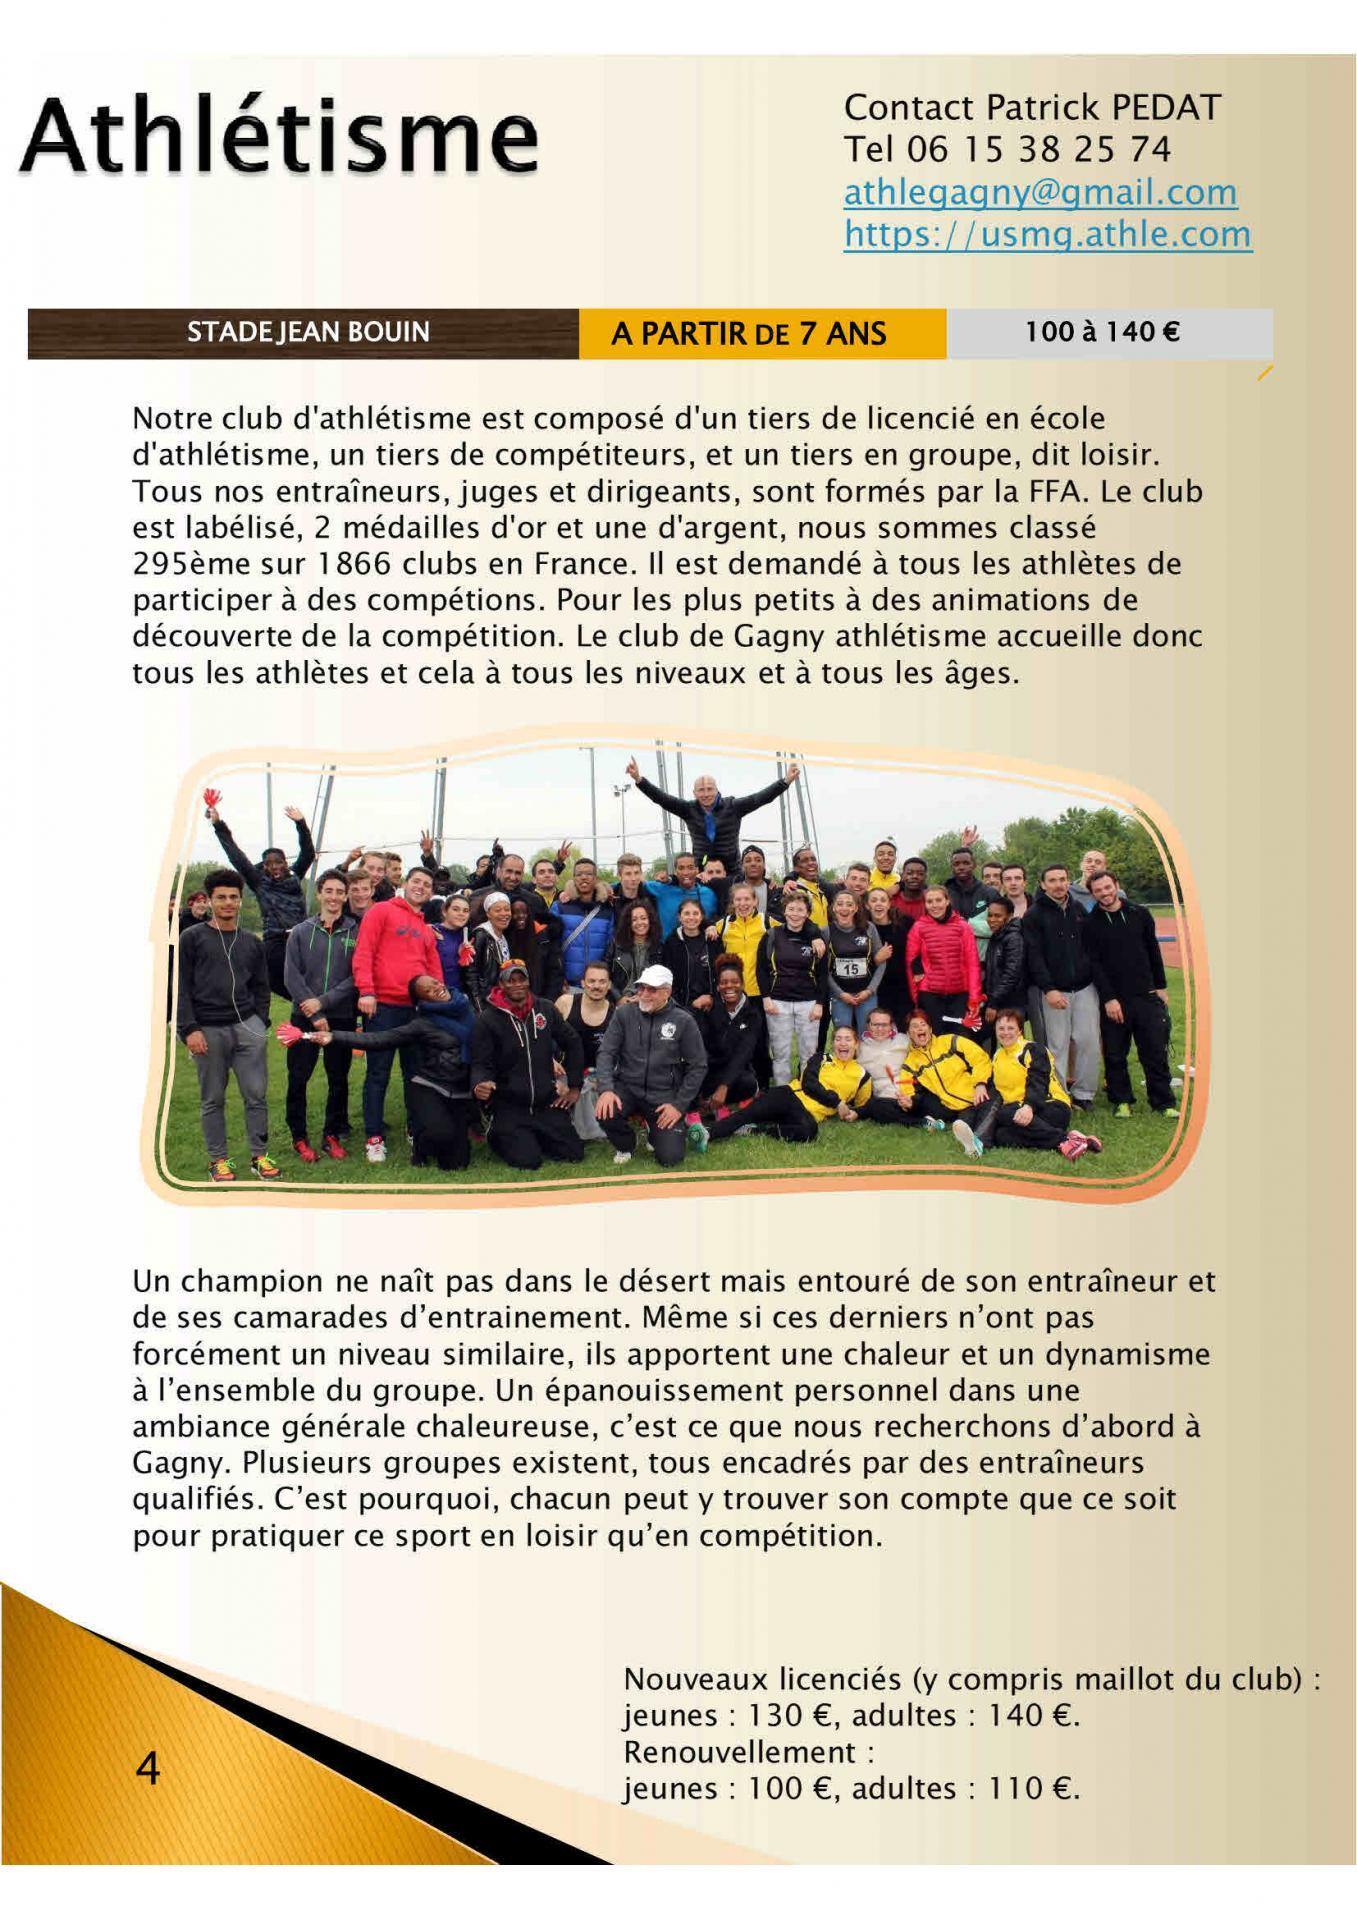 Usmg 2017 05 17 page par page jpg 3